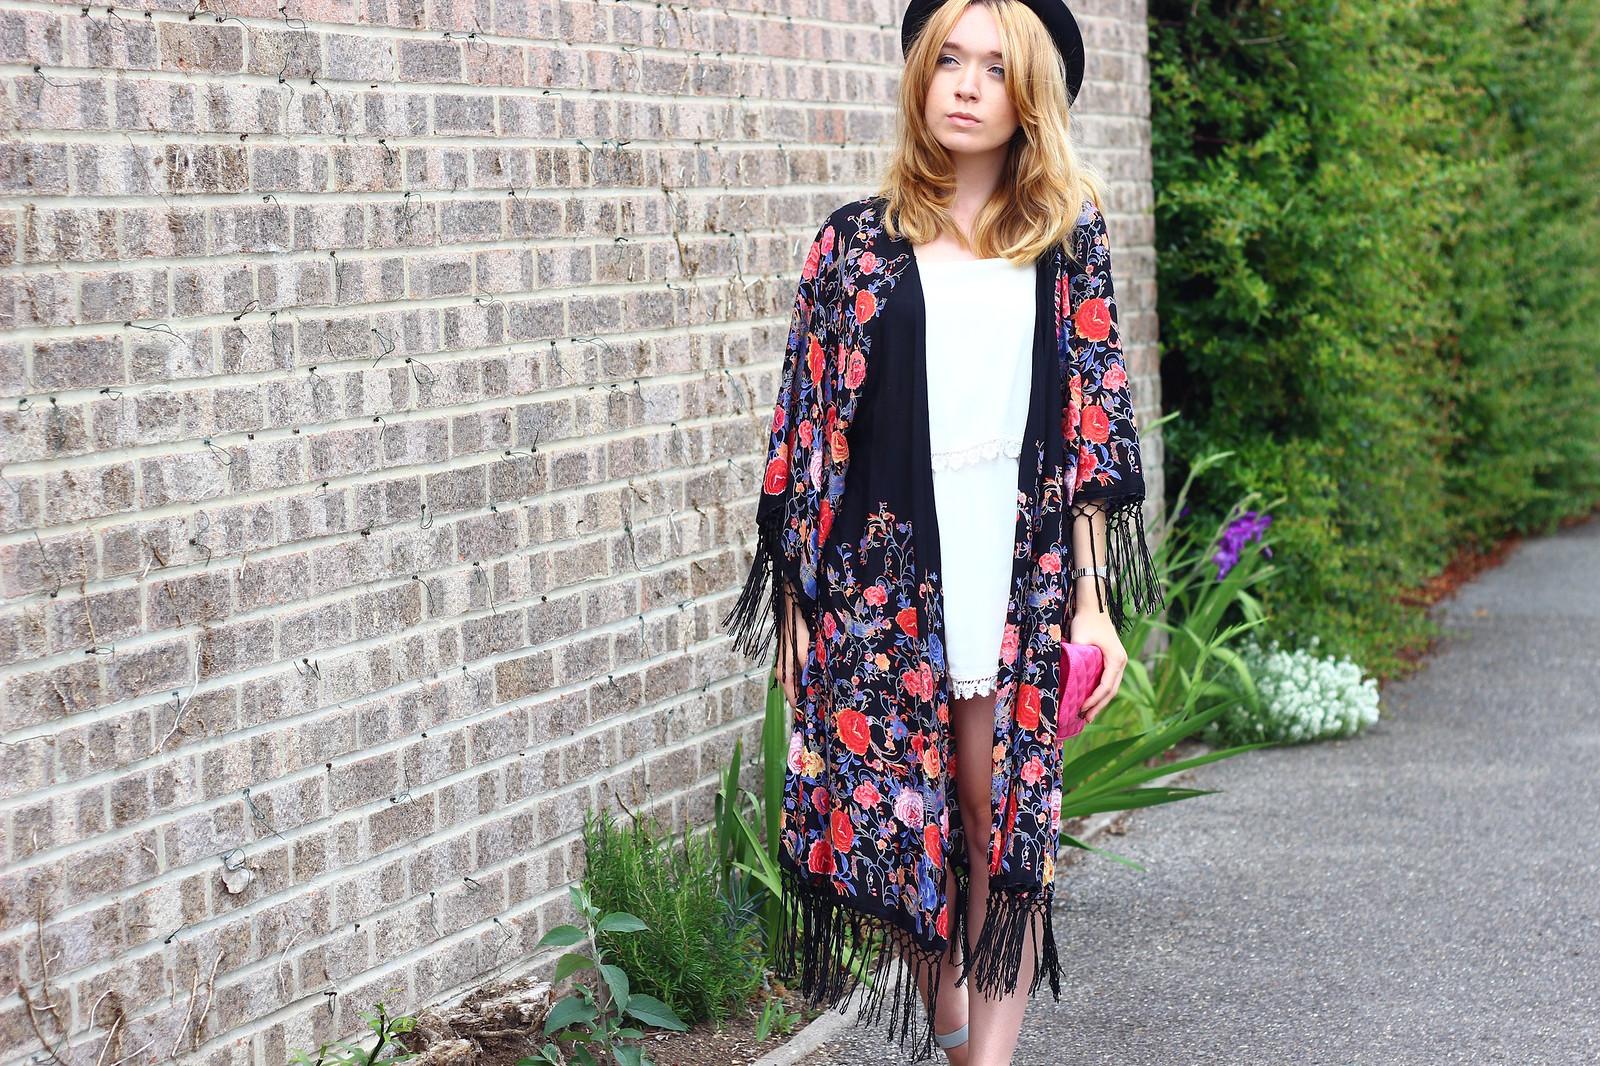 3primarkkimono, festival fashion, kimono, floral